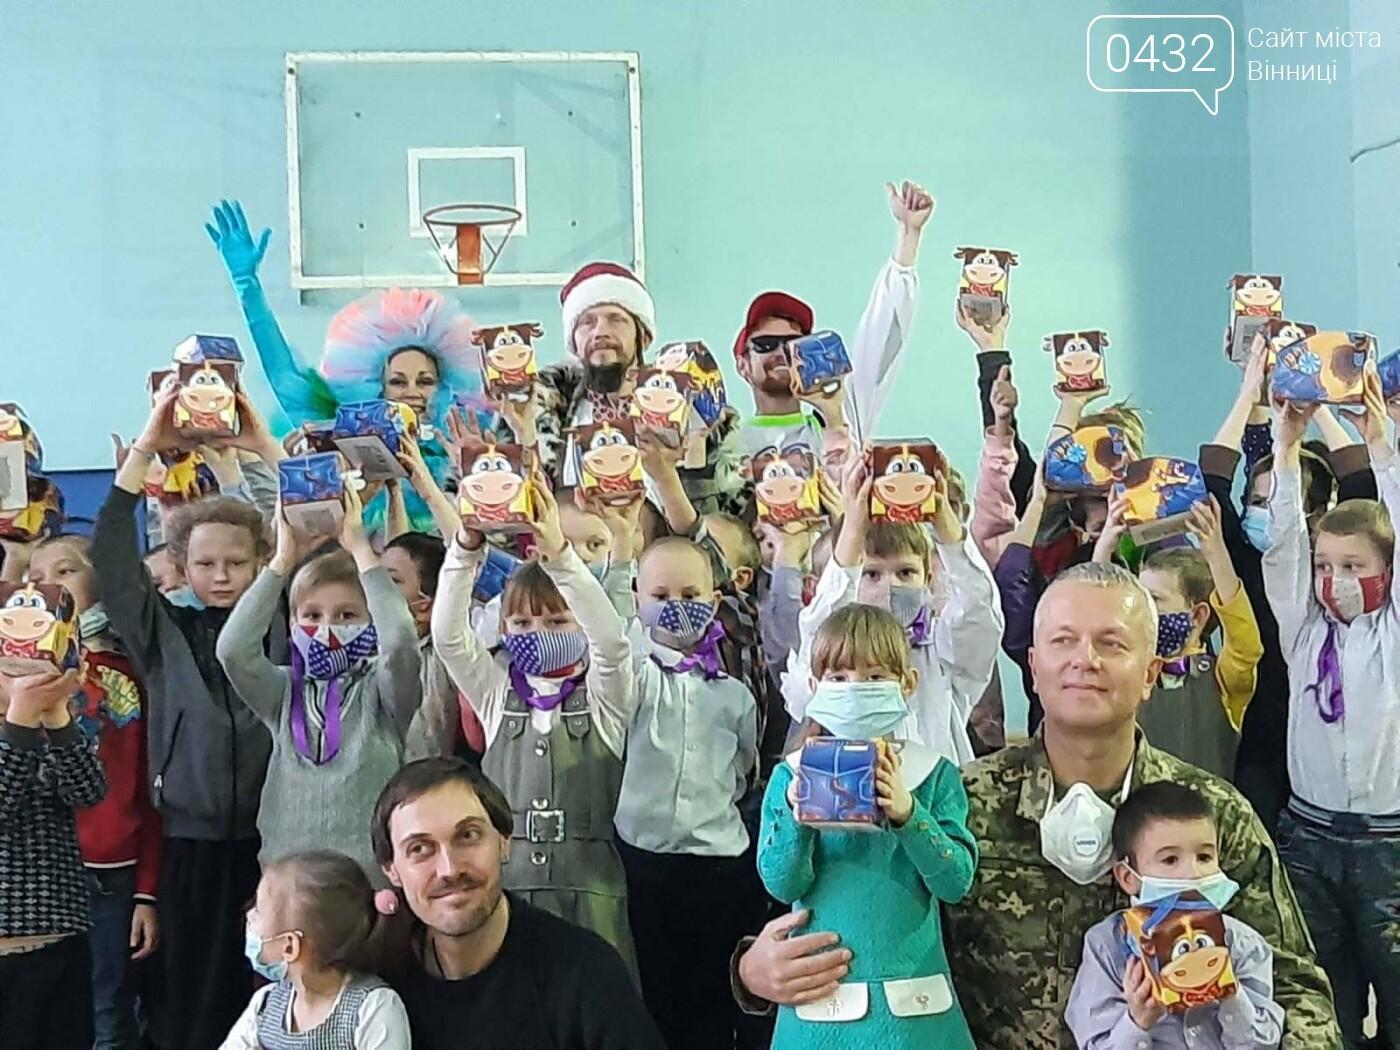 Праздничное чудо: «АТБ» помогает тысячам украинских семей удивить ребенка в день Святого Николая, фото-4